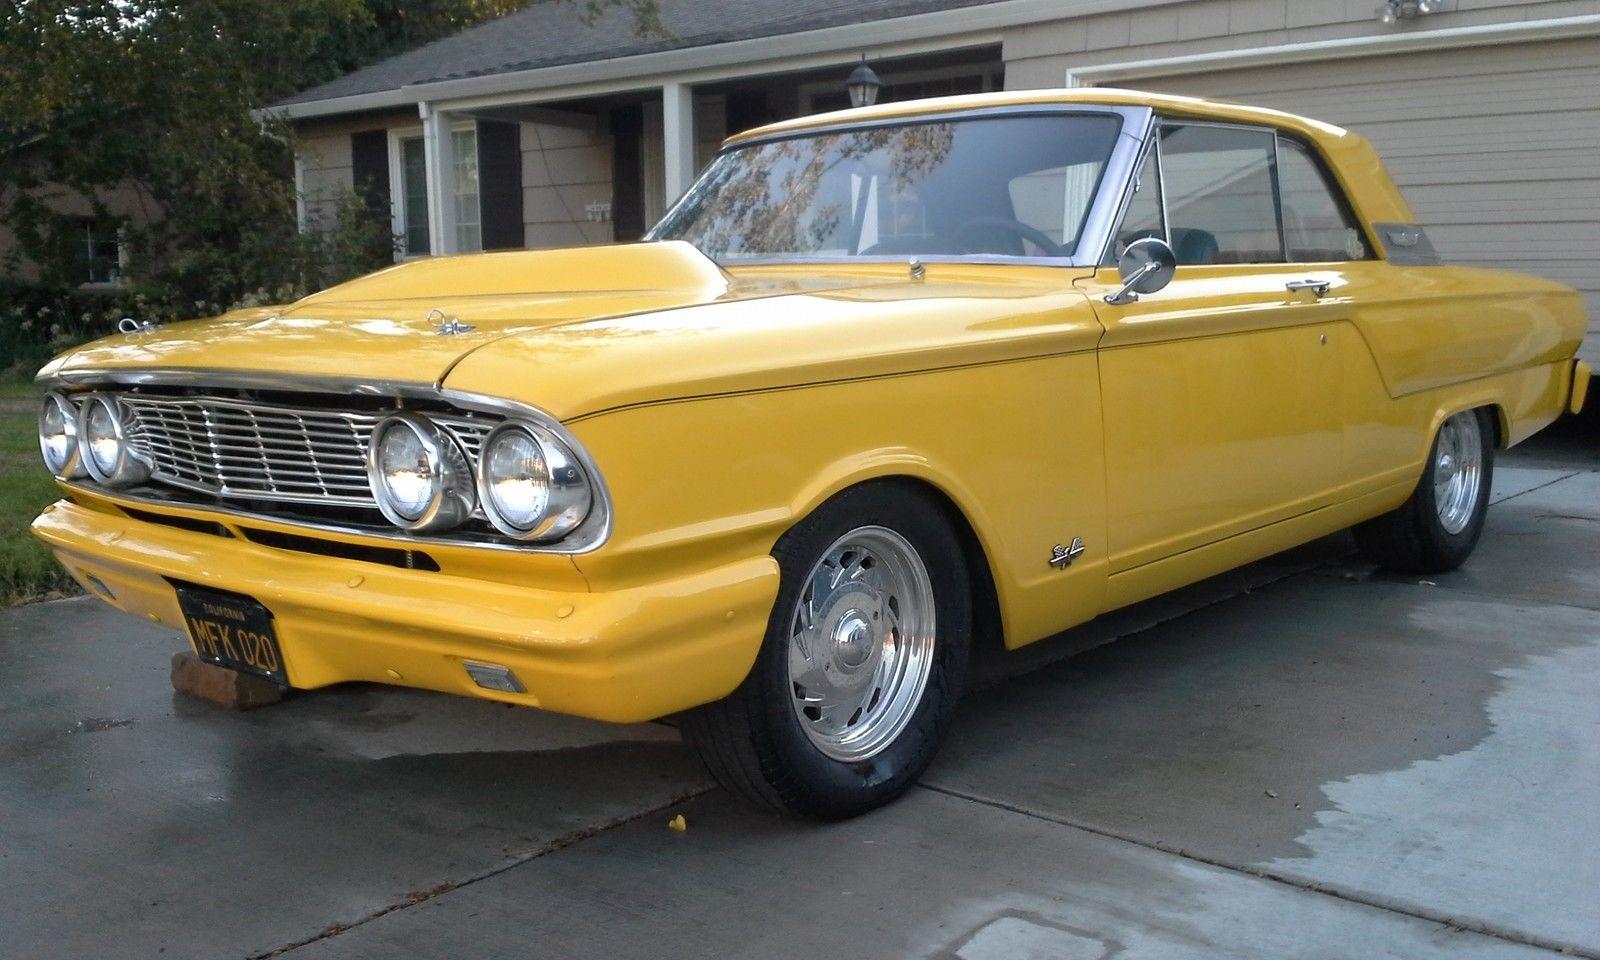 1964 ford fairlane thunderbolt clone 428 fe motor power steering 4 speed